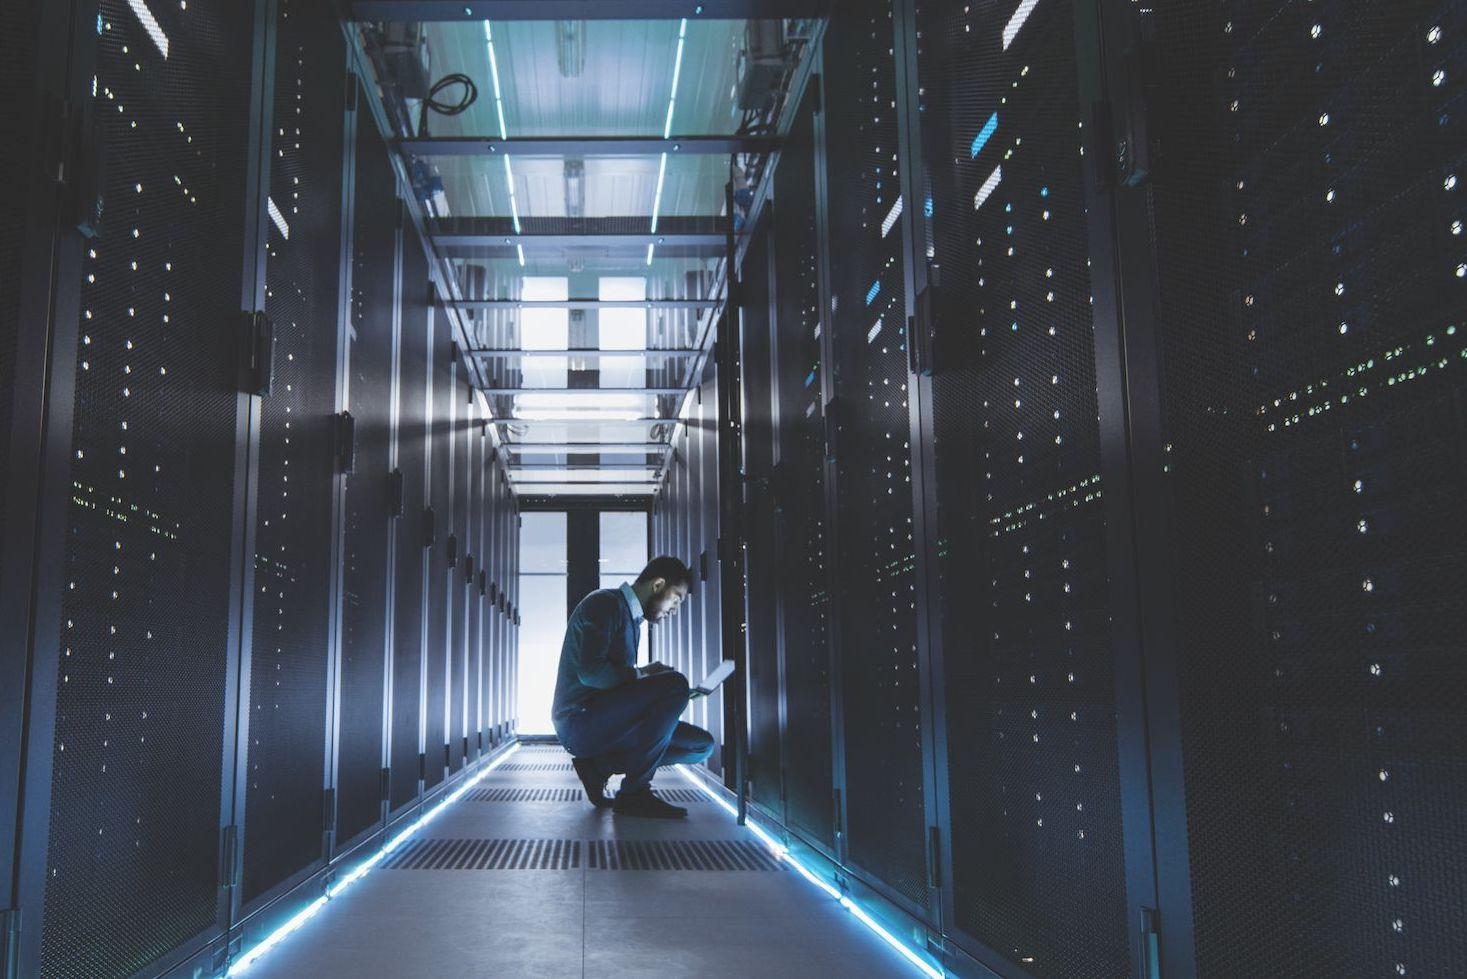 IT и инженерная инфраструктура ЦОД: стартовала онлайн-программа ТБ Форума 2021